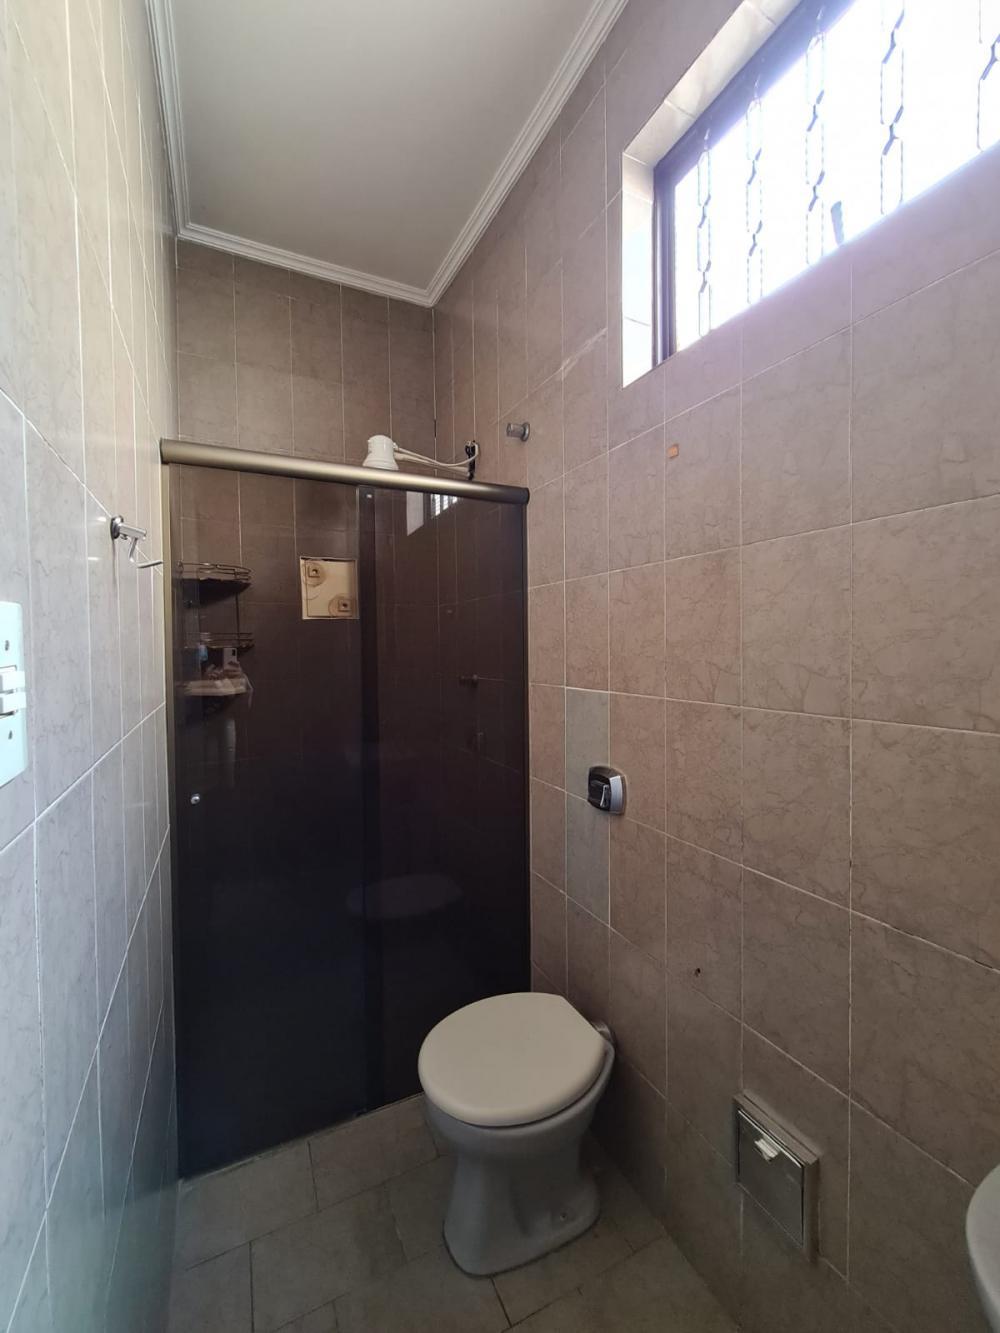 Alugar Casa / Padrão em Ribeirão Preto R$ 1.600,00 - Foto 27